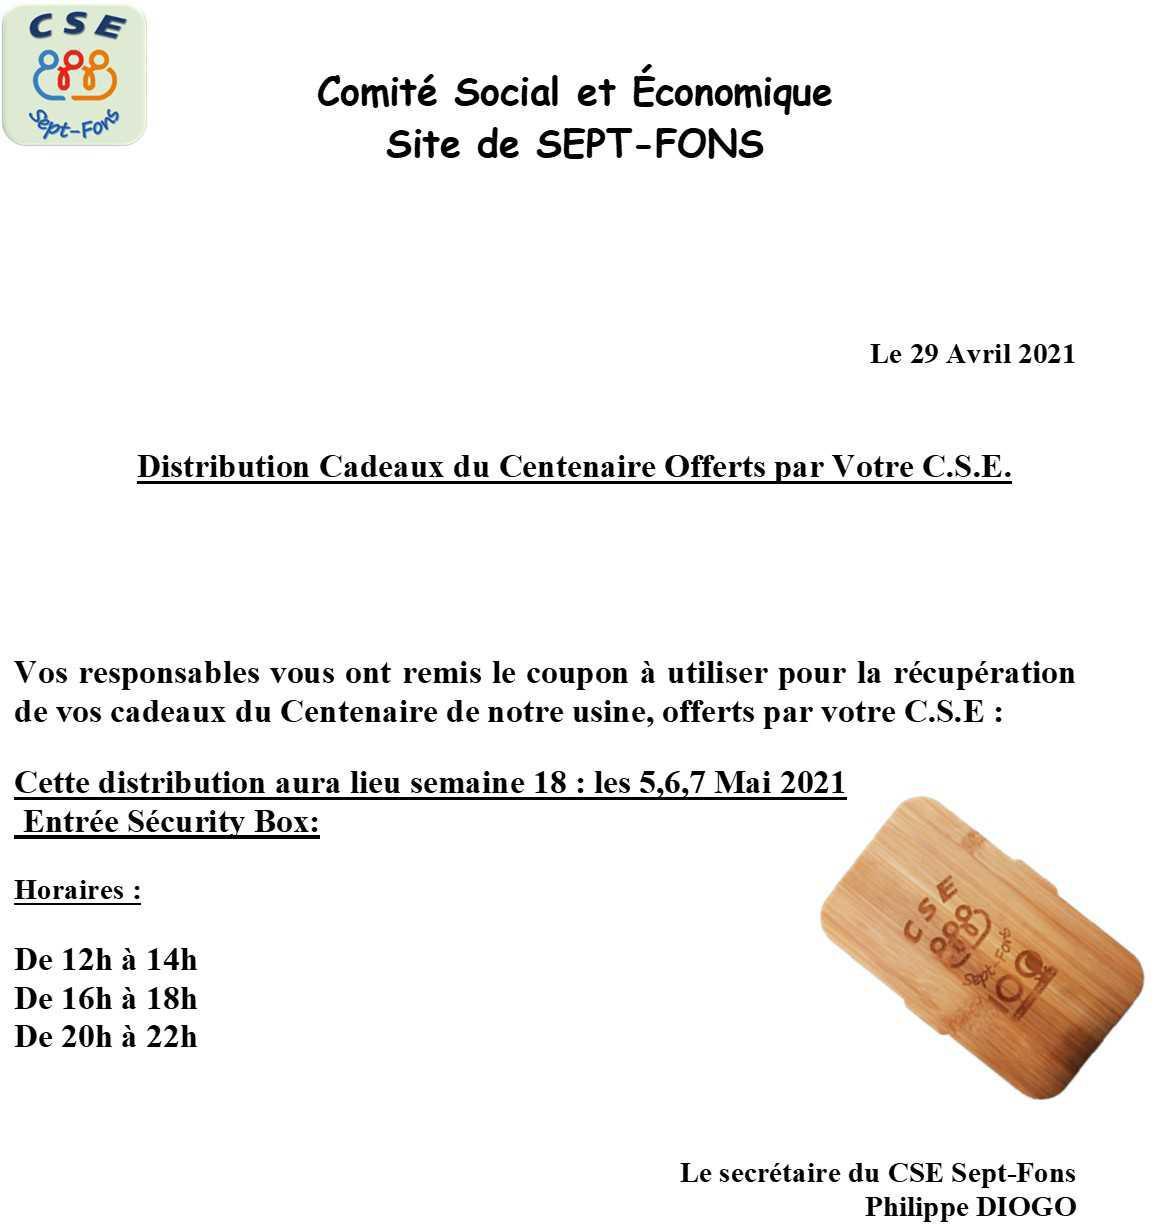 Distribution Cadeaux du Centenaire Offerts par Votre C.S.E